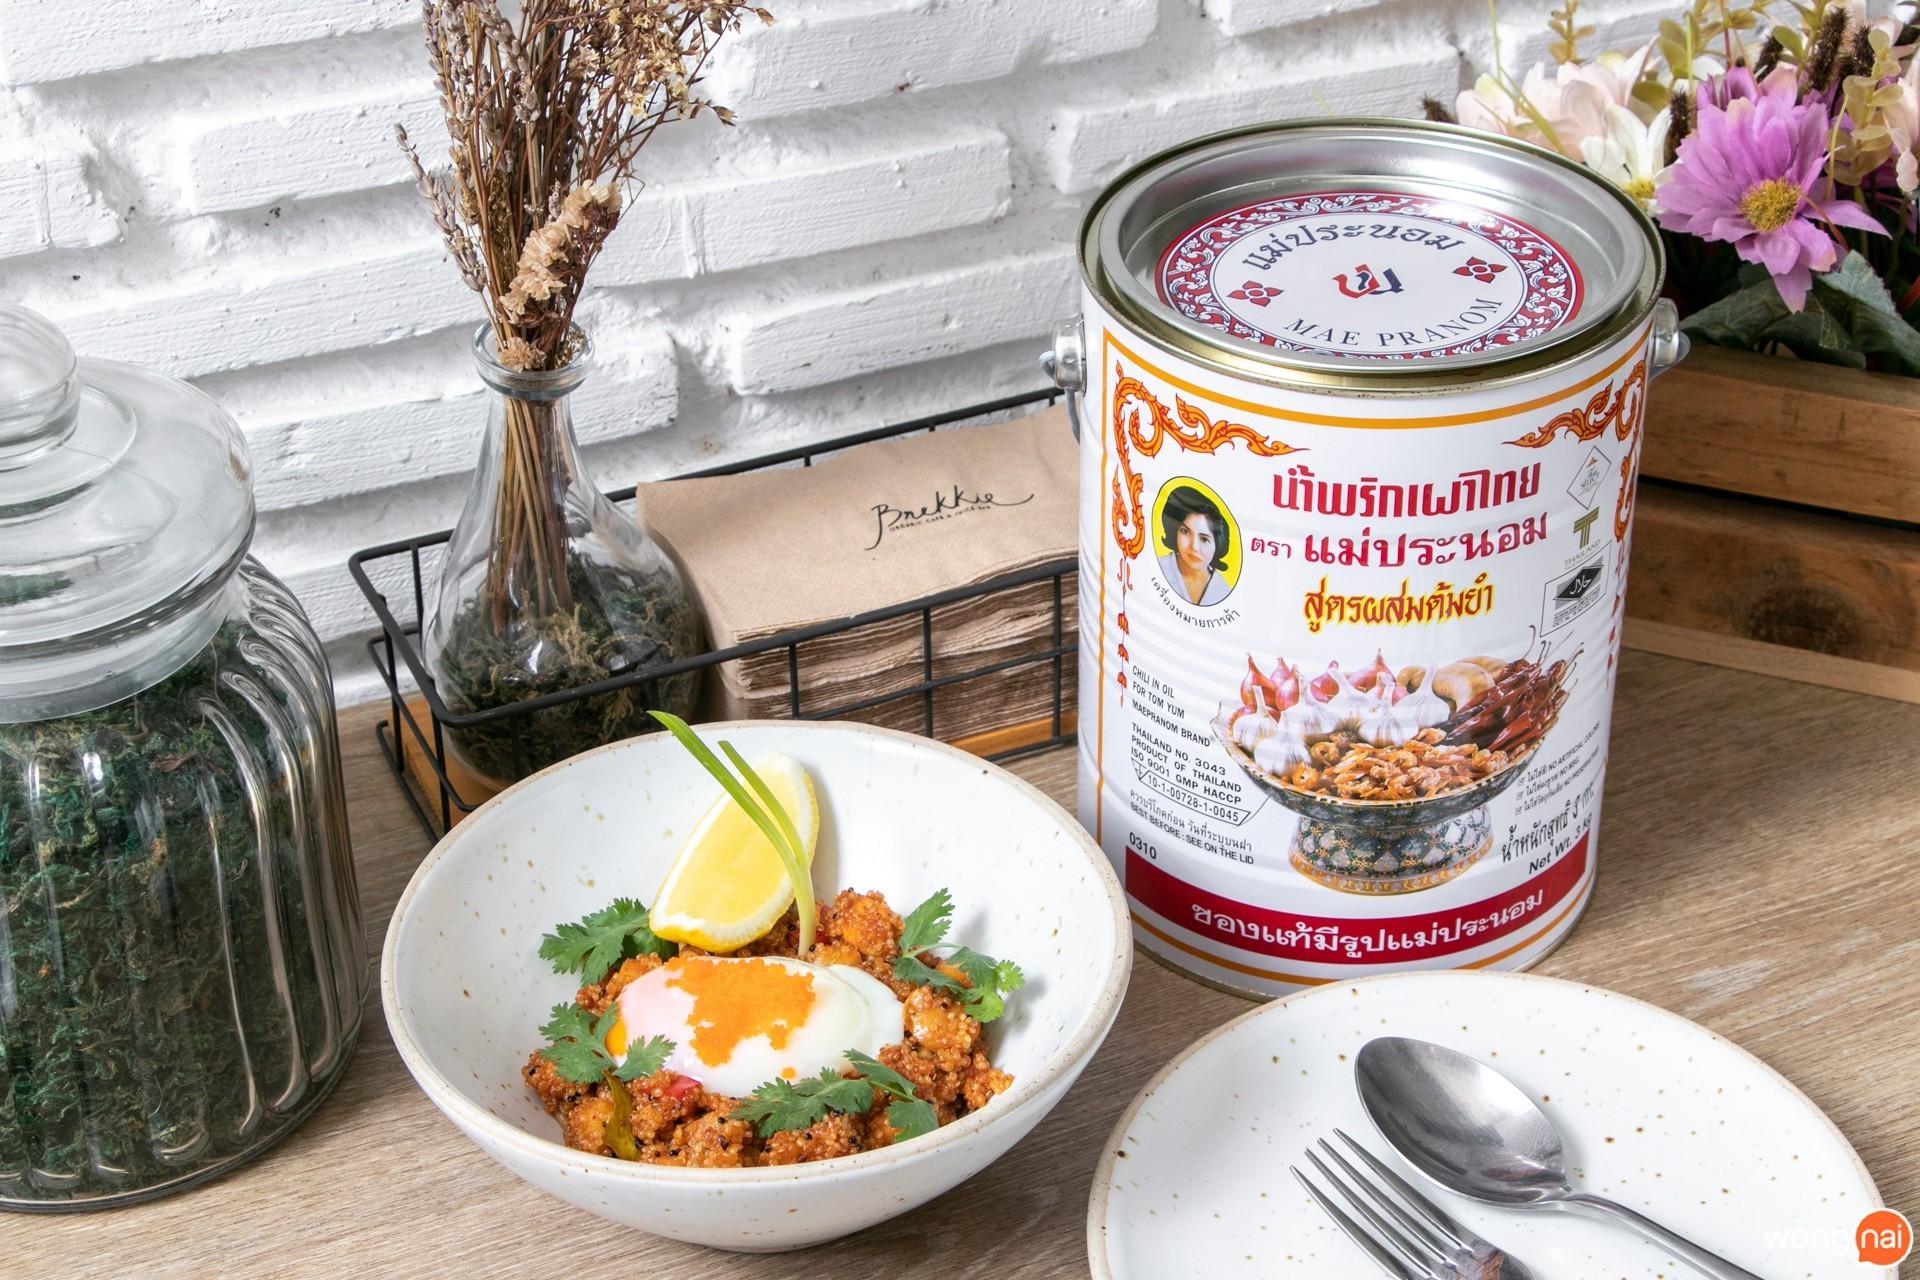 น้ำพริกเผาแม่ประนอม เมนู Fried Quinua Tom-Yum with Diced Salmaon